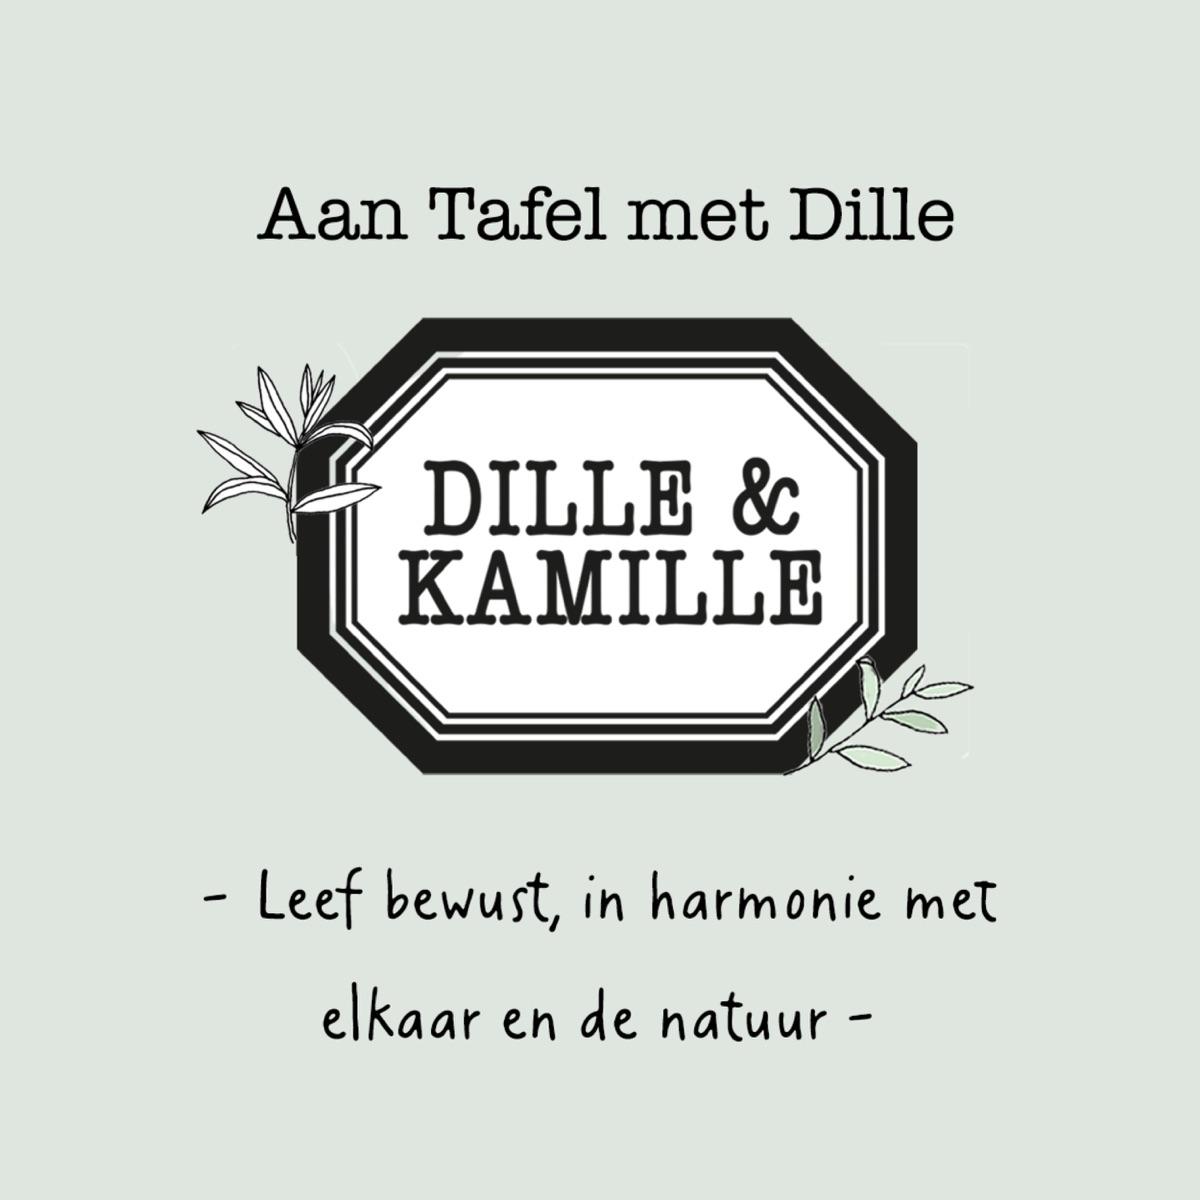 Aan tafel met Dille & Kamille